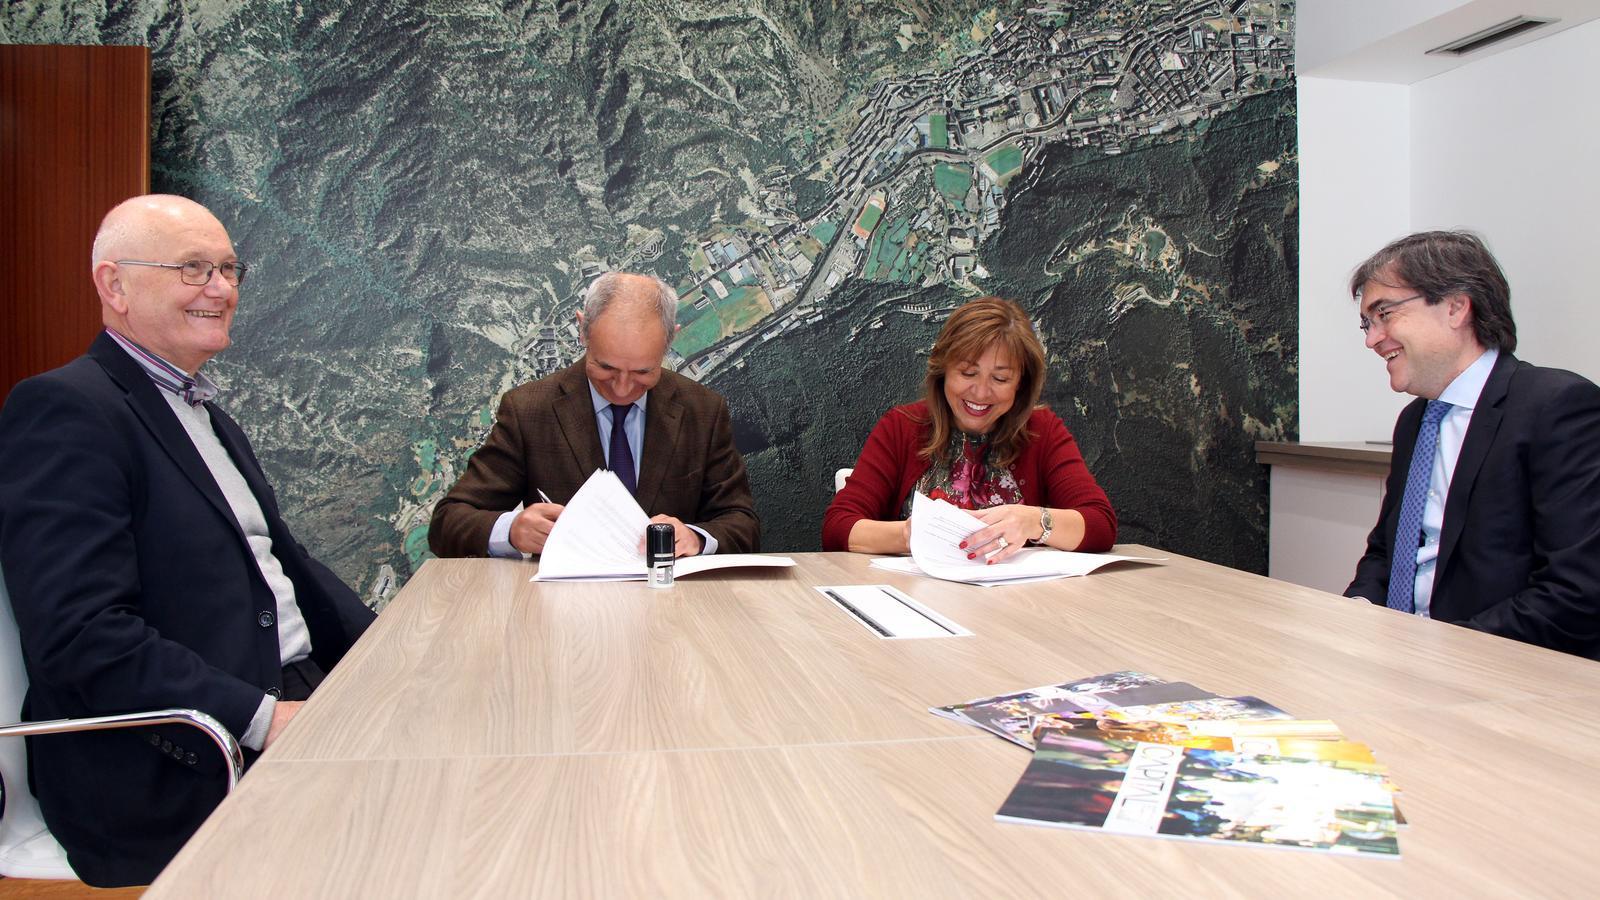 El director general del British College a Andorra, Rafael Valverde, i la cònsol major d'Andorra la Vella, Conxita Marsol, signen l'acord per la concessió de les instal·lacions de l'hostal de la Comella. / C.G. (ANA)